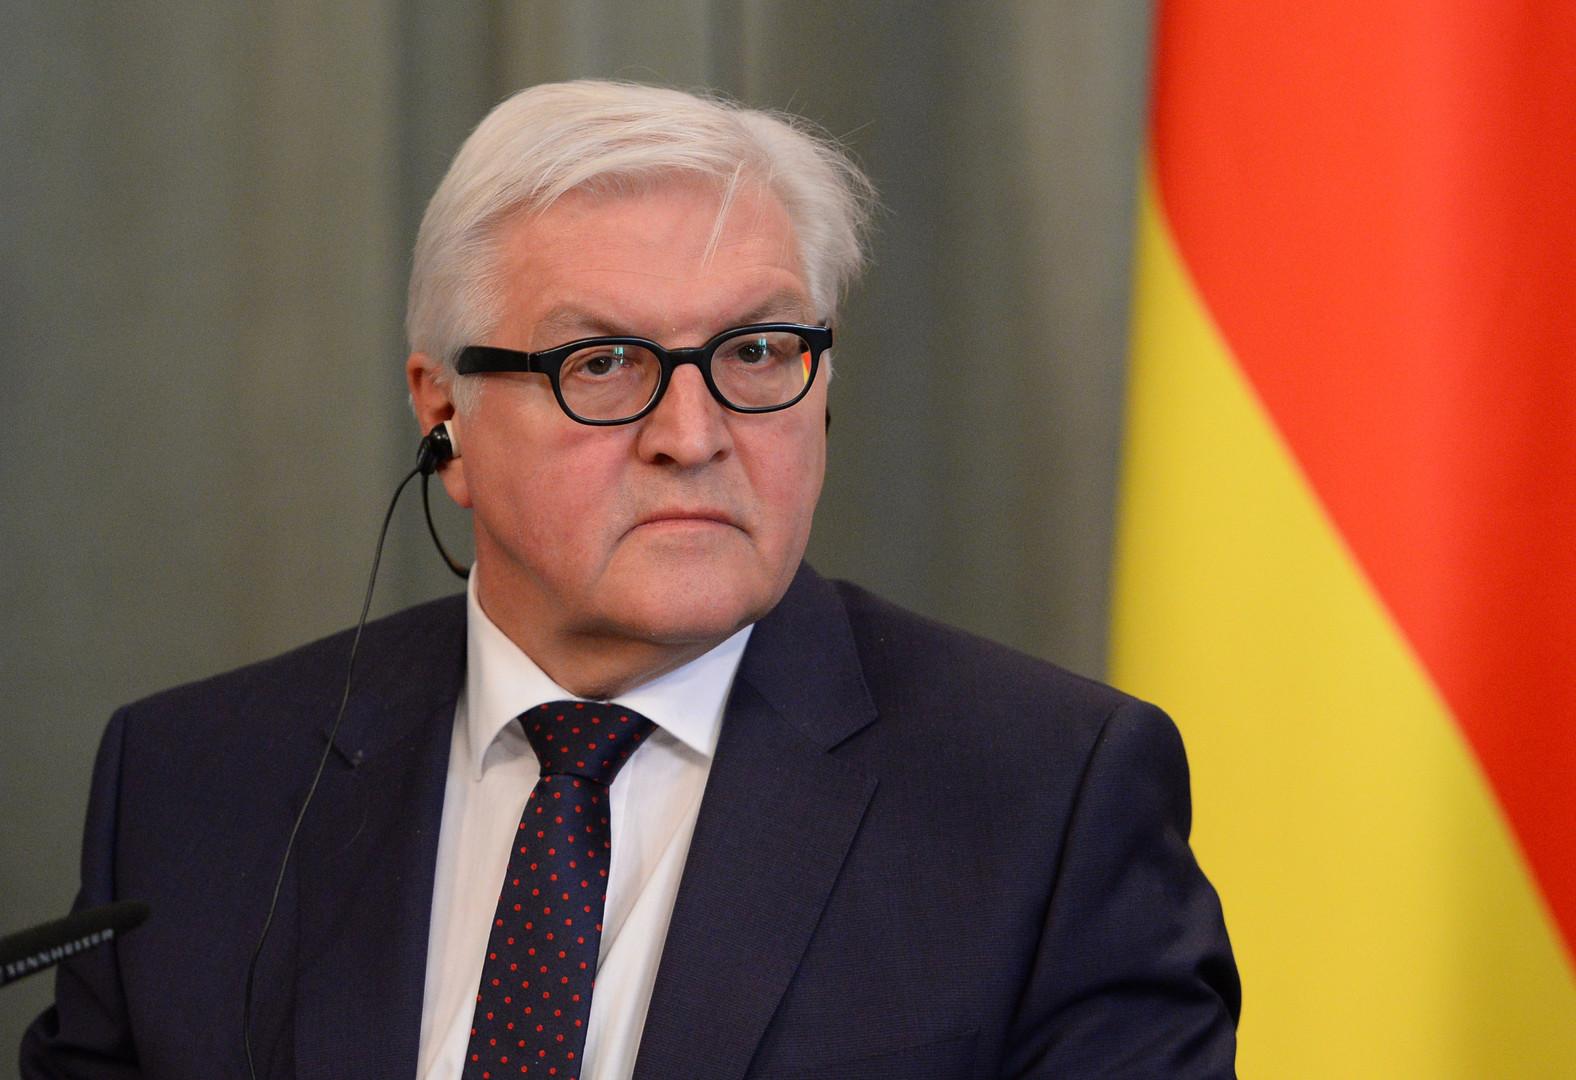 Глава МИД ФРГ: Европа должна подумать о возможности поэтапного снятия санкций с РФ